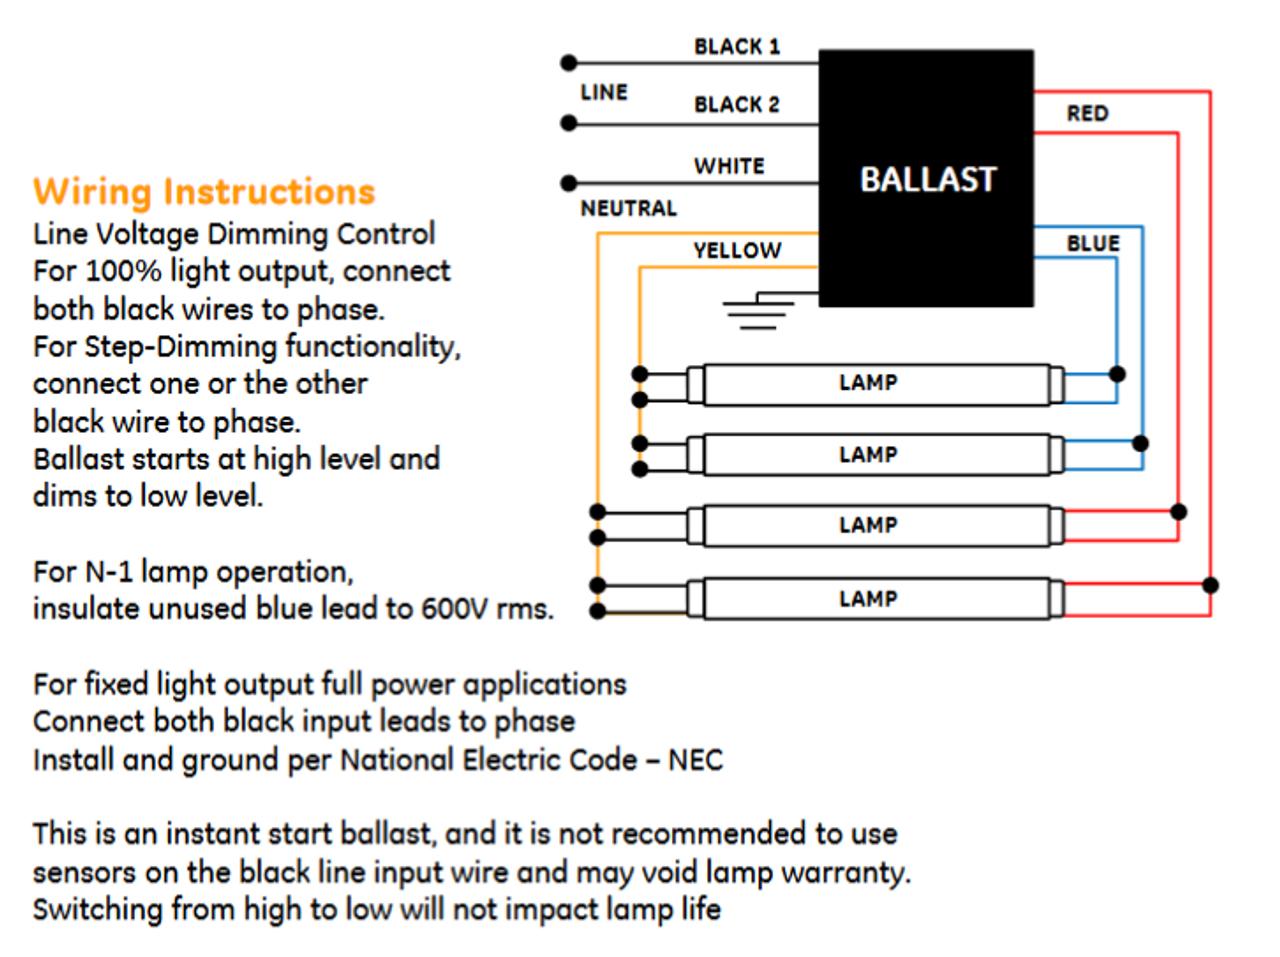 GE432MAX90-S60 GE 73229 | UltraMax® T8 Bi-Level Dimming Ballast | Ge Stepped Dimming Ballast Wiring Diagram |  | BallastShop.com